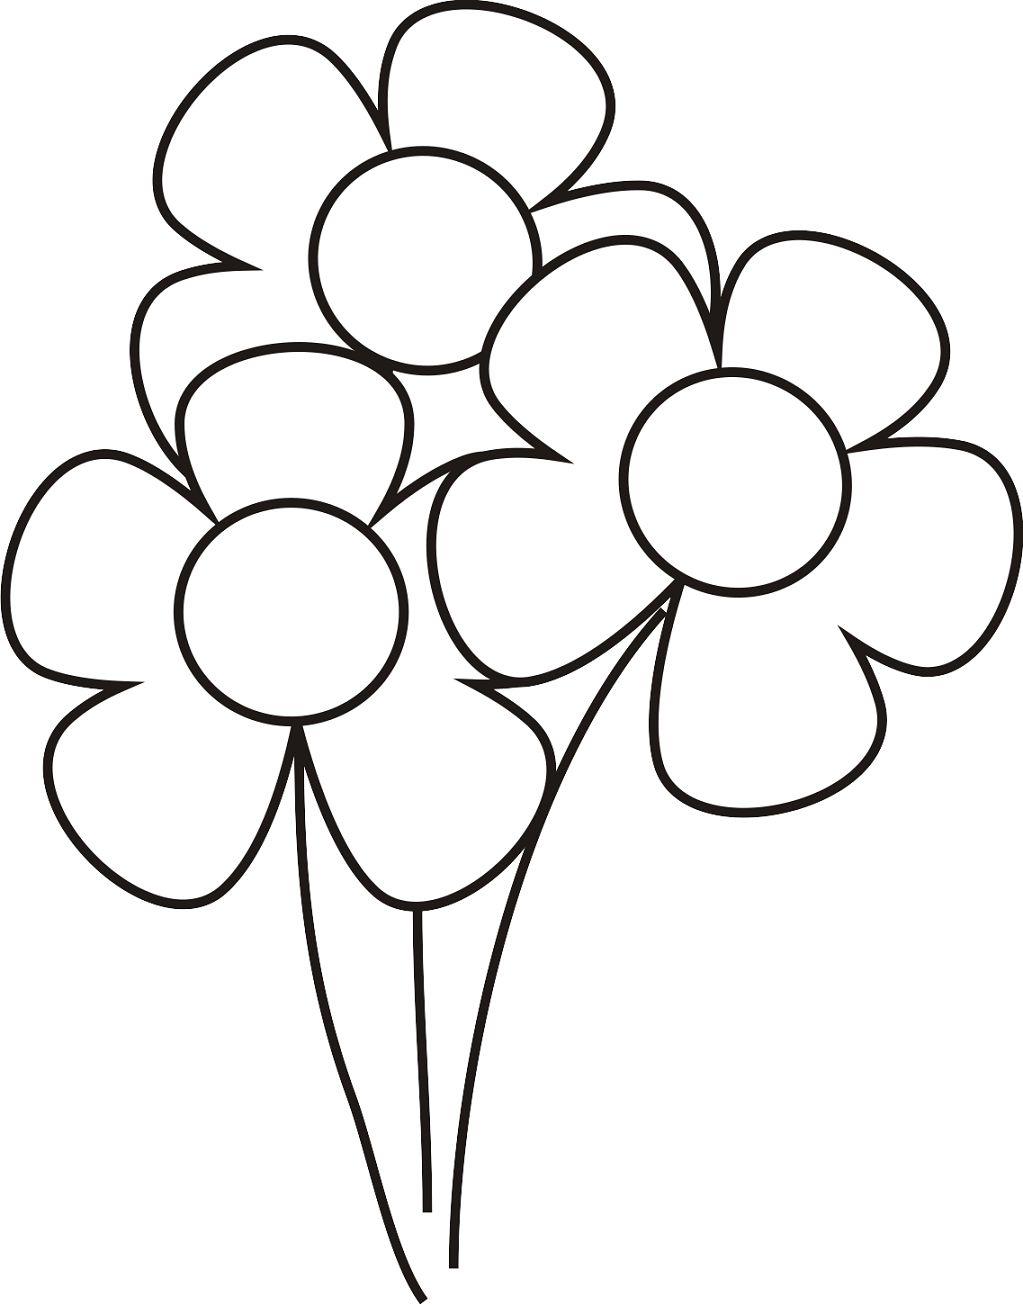 Imagenes para dibujar faciles - Papel para dibujar ...